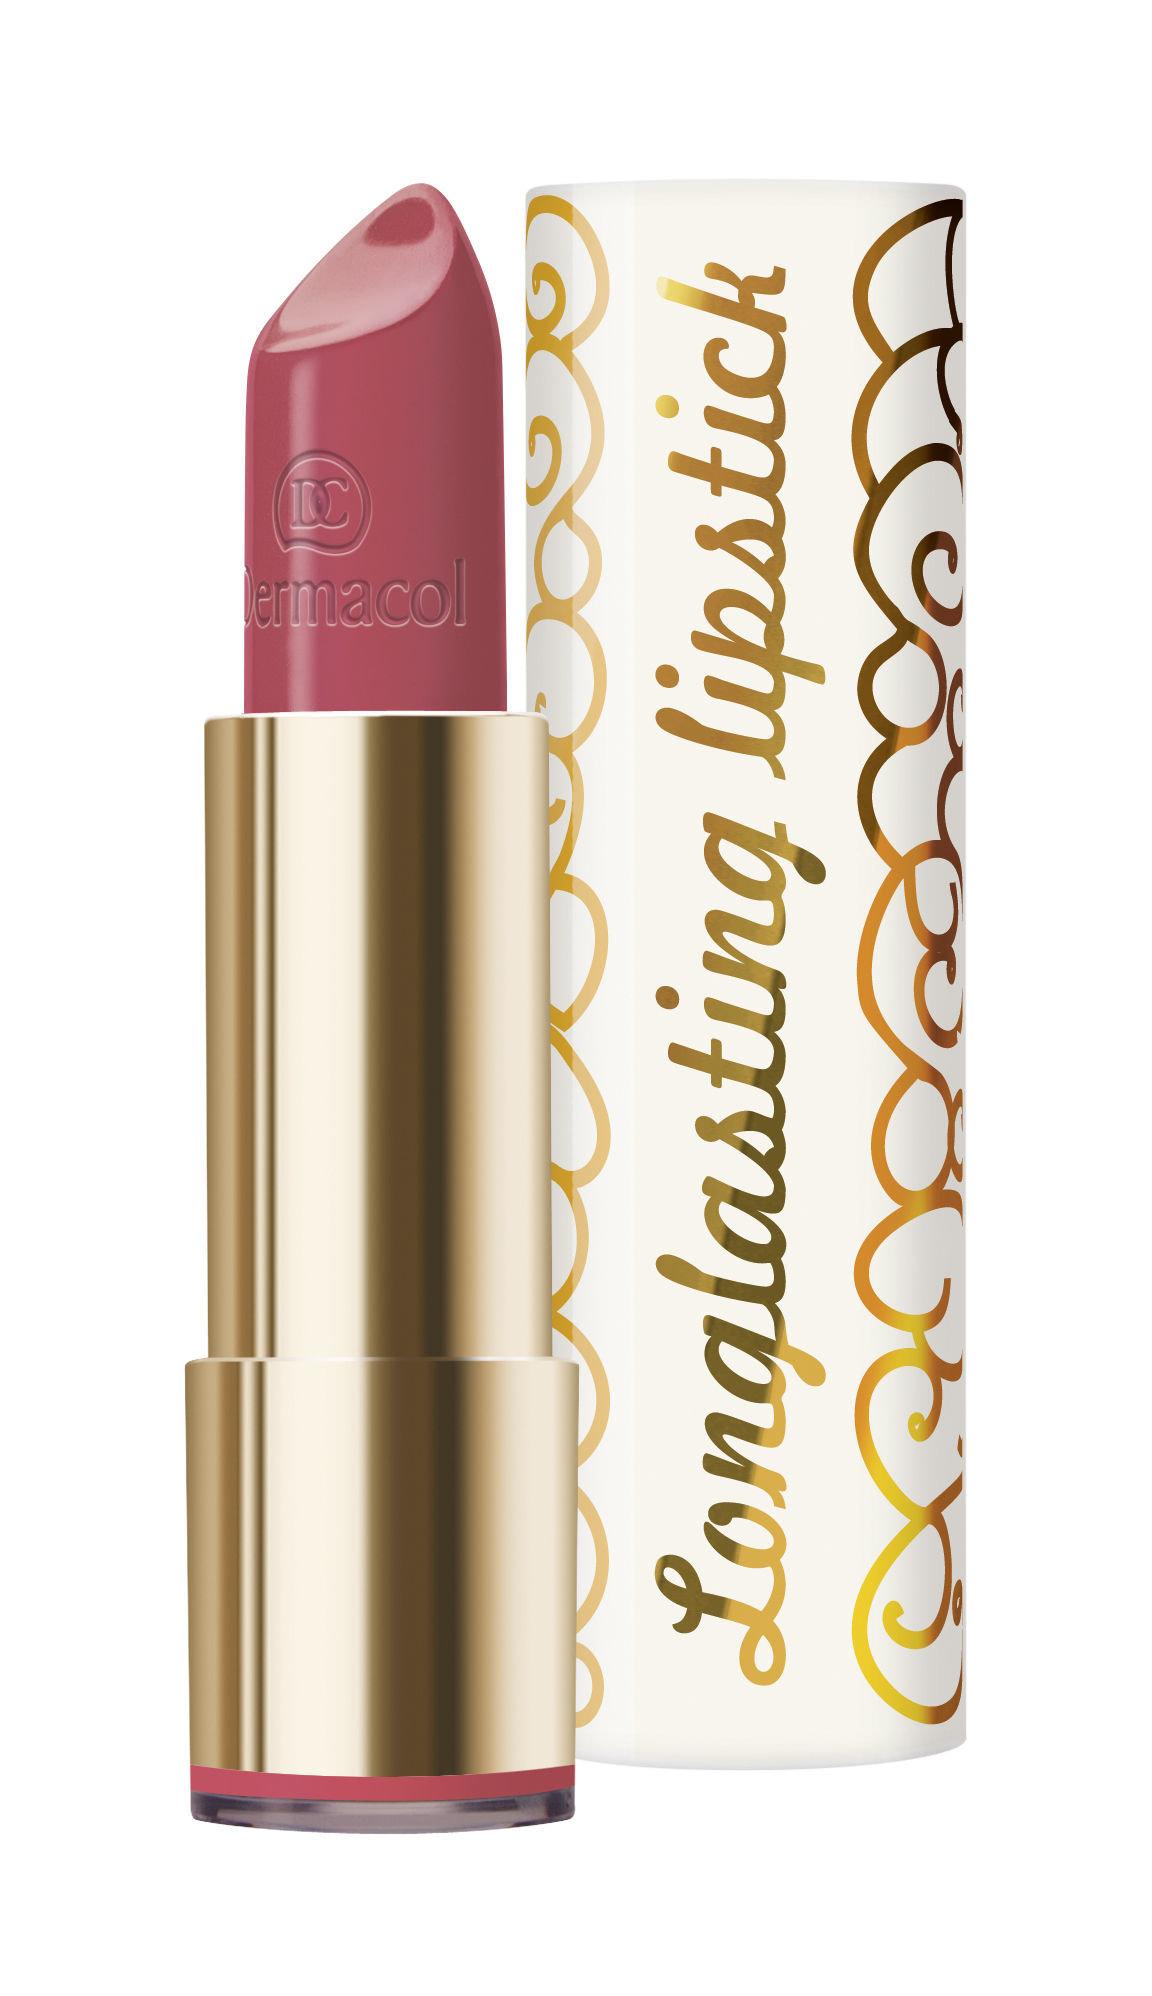 Dermacol Longlasting Cosmetic 4,8ml 11